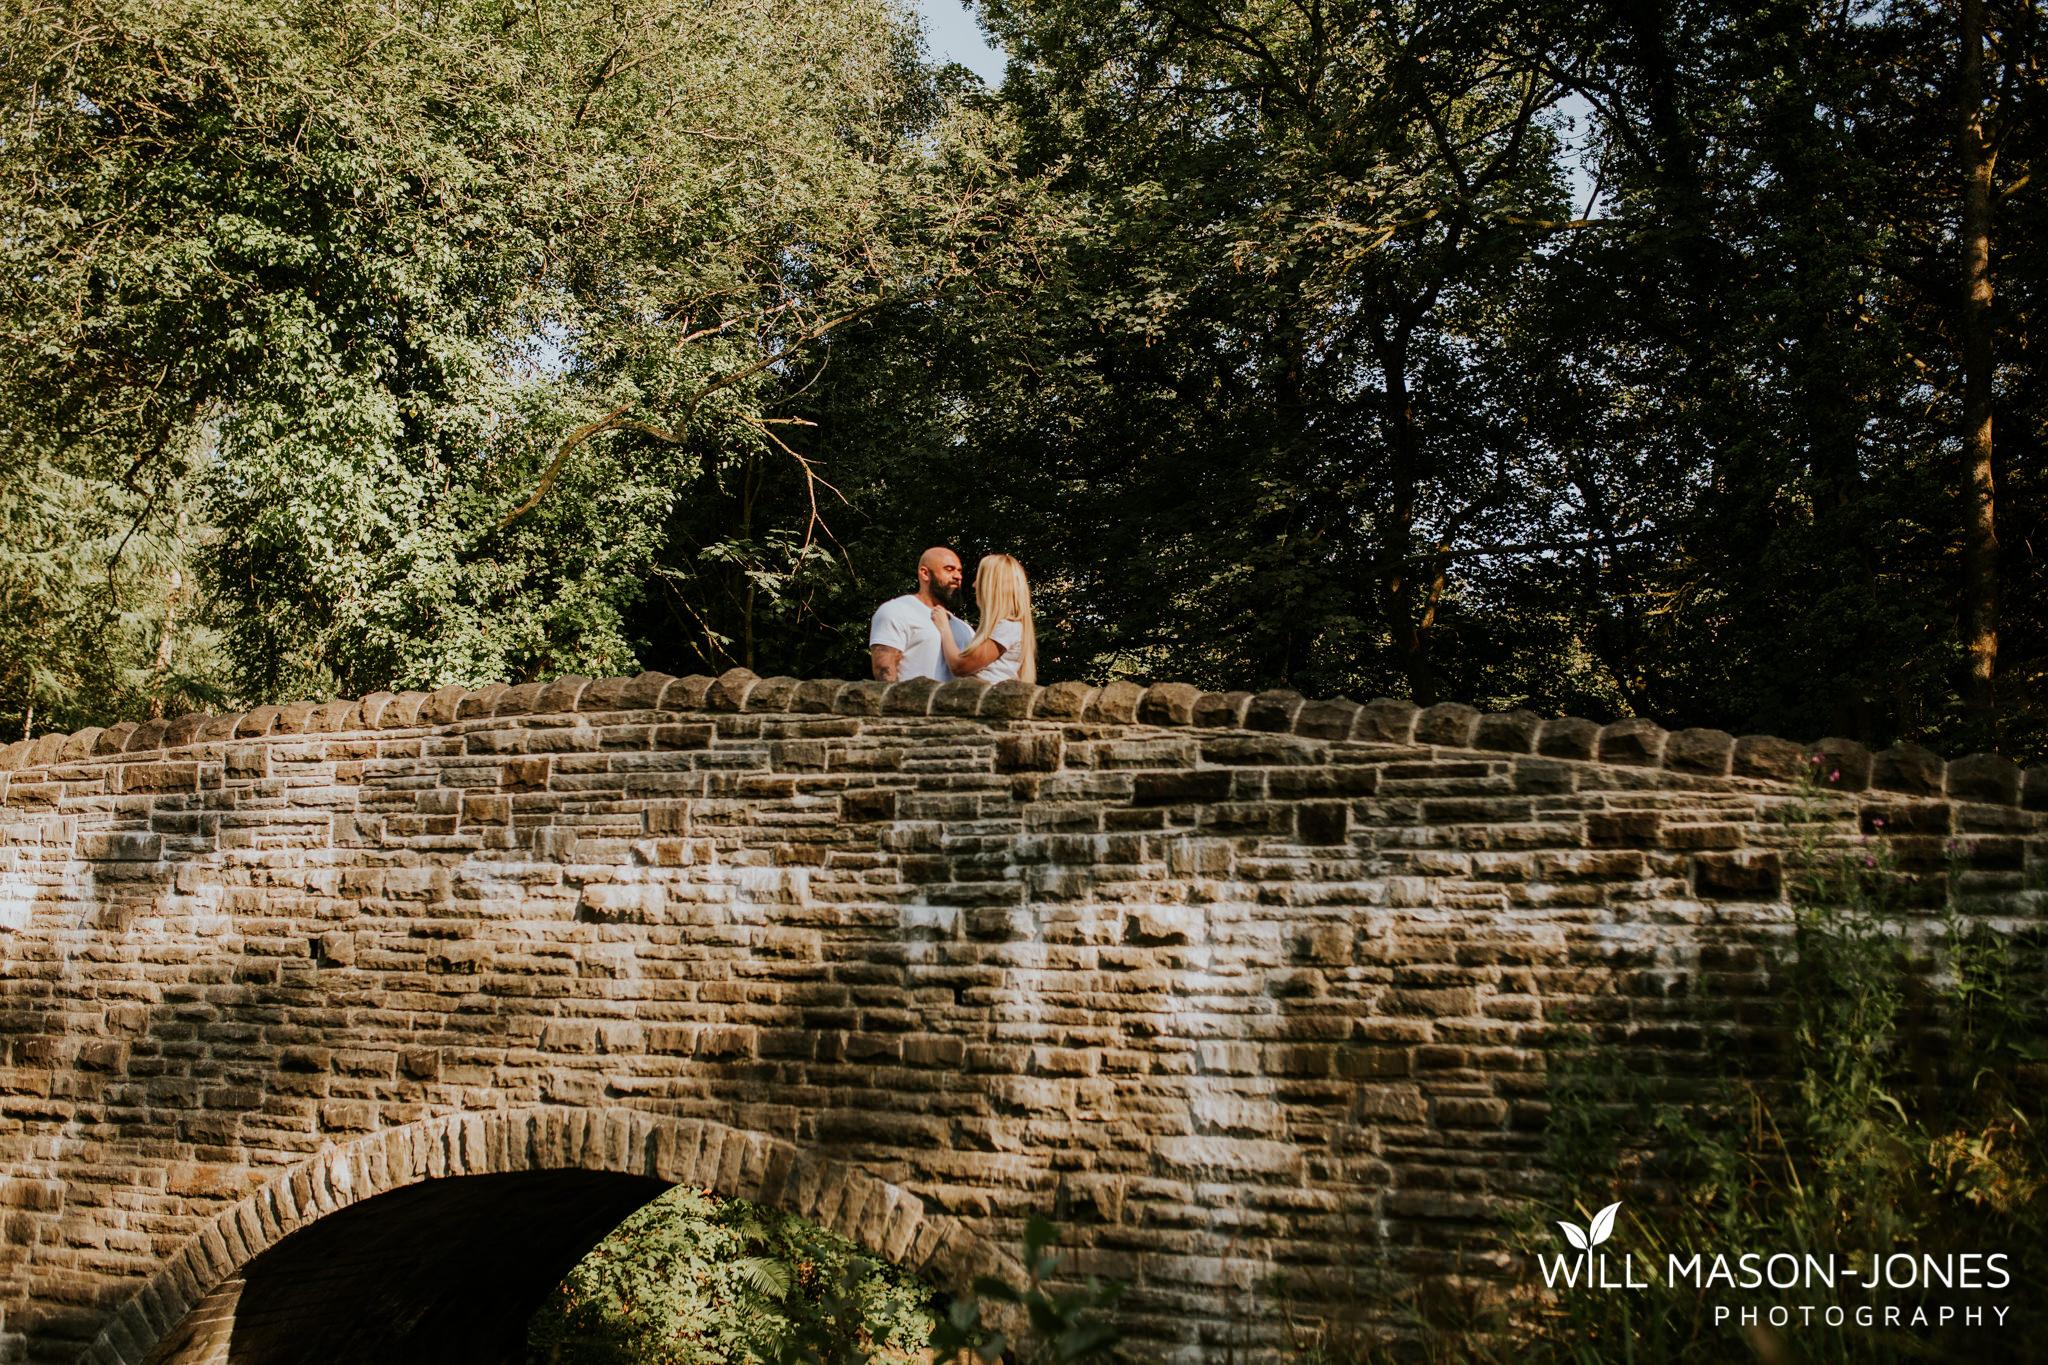 penllegaer-woods-couple-engagement-photographer-swansea-65.jpg